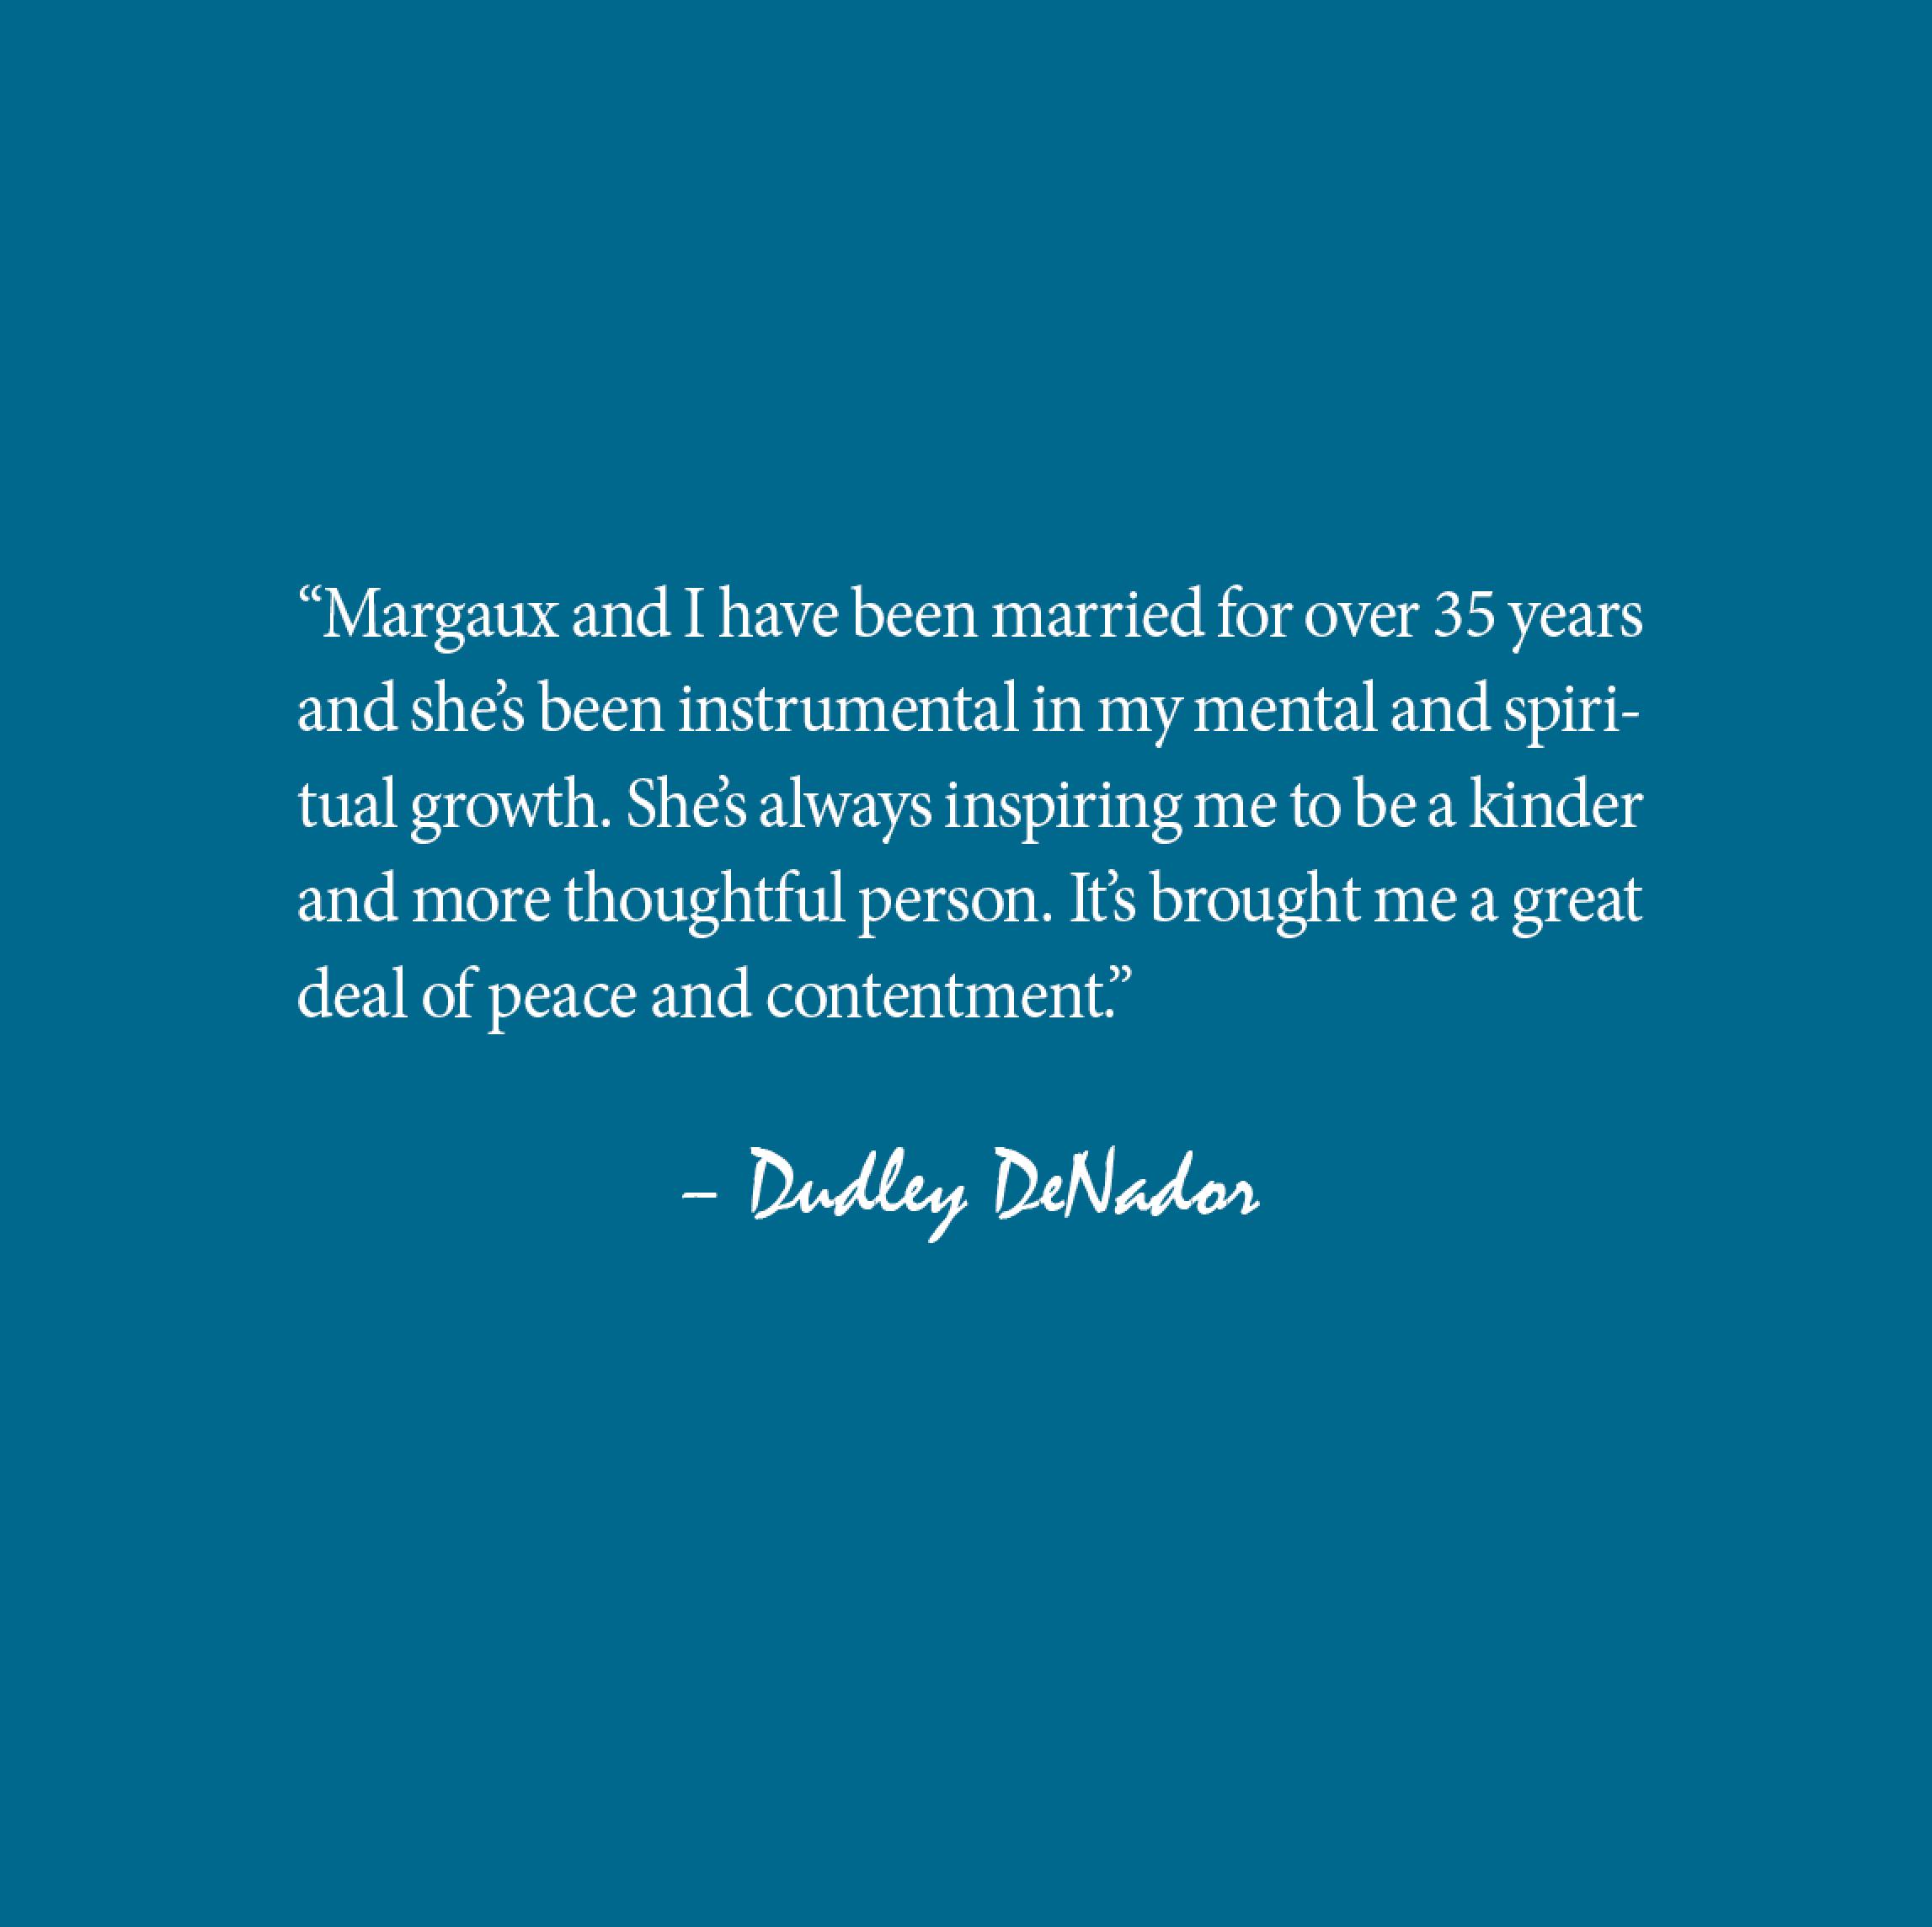 Dudley DeNador